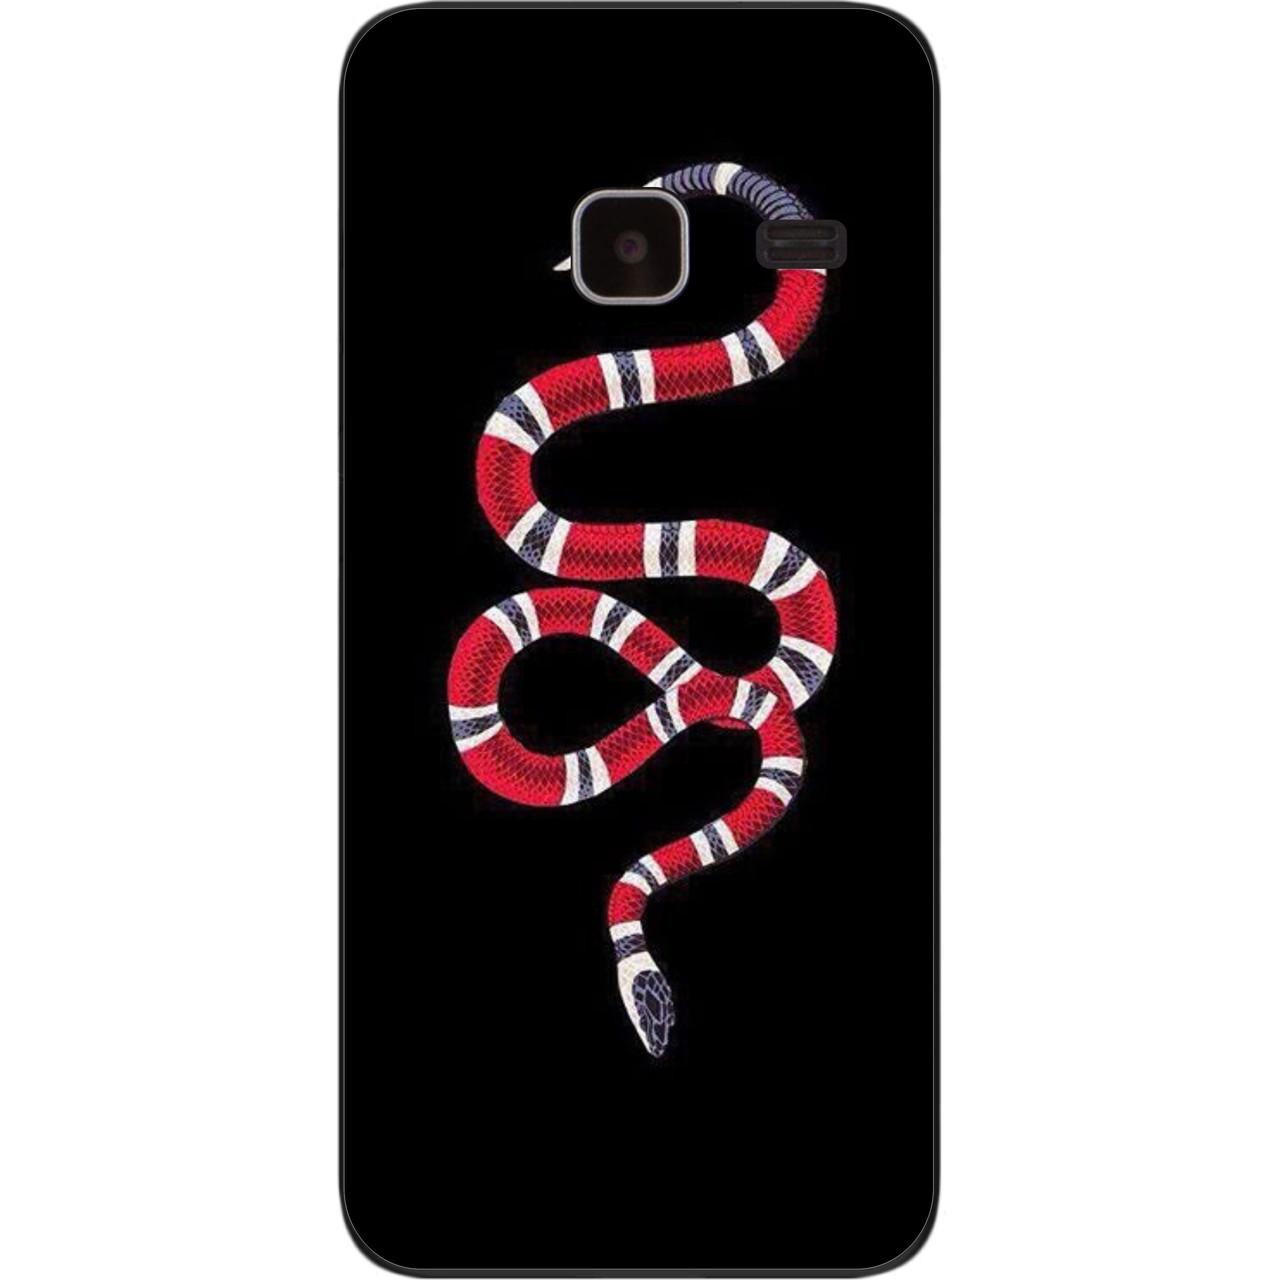 Силіконовий чохол для Samsung Galaxy J1 mini J105 з картинкою Змія